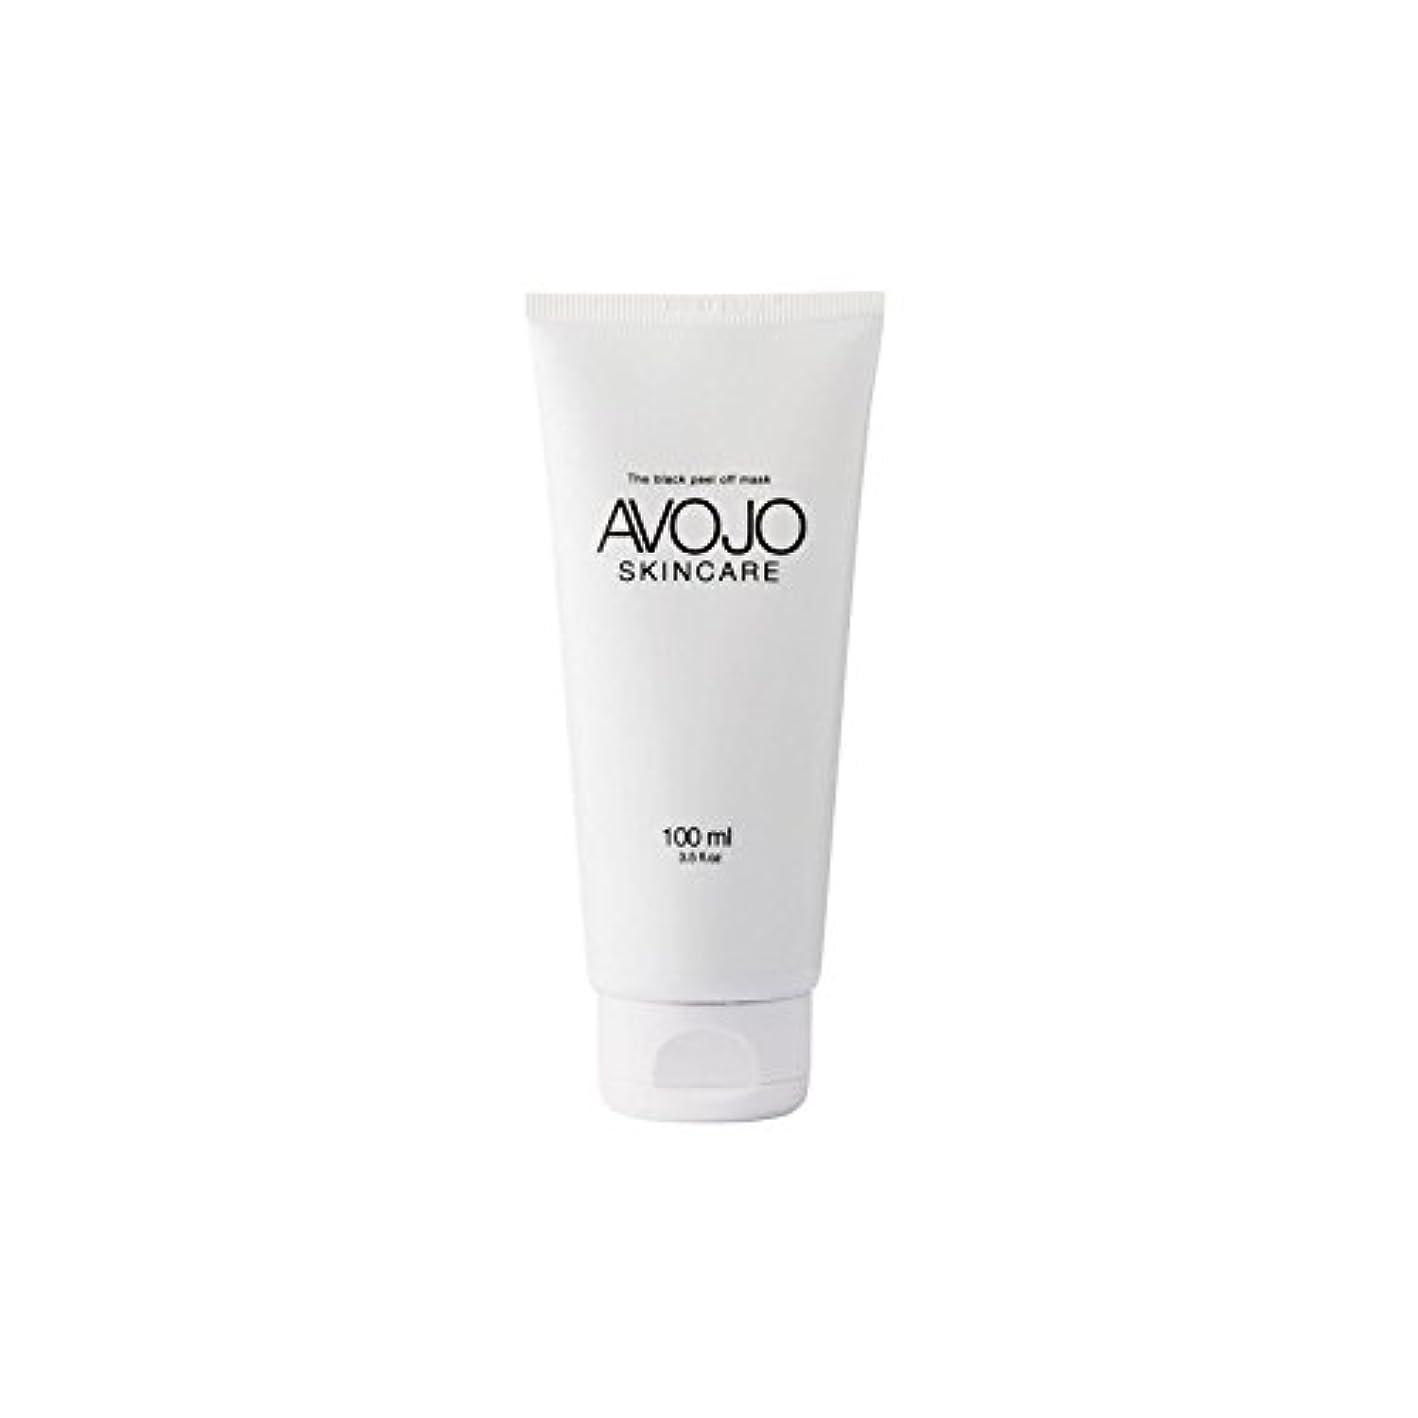 脚本家オーストラリア富- 黒皮オフマスク - (ボトル100ミリリットル) x2 - Avojo - The Black Peel Off Mask - (Bottle 100ml) (Pack of 2) [並行輸入品]